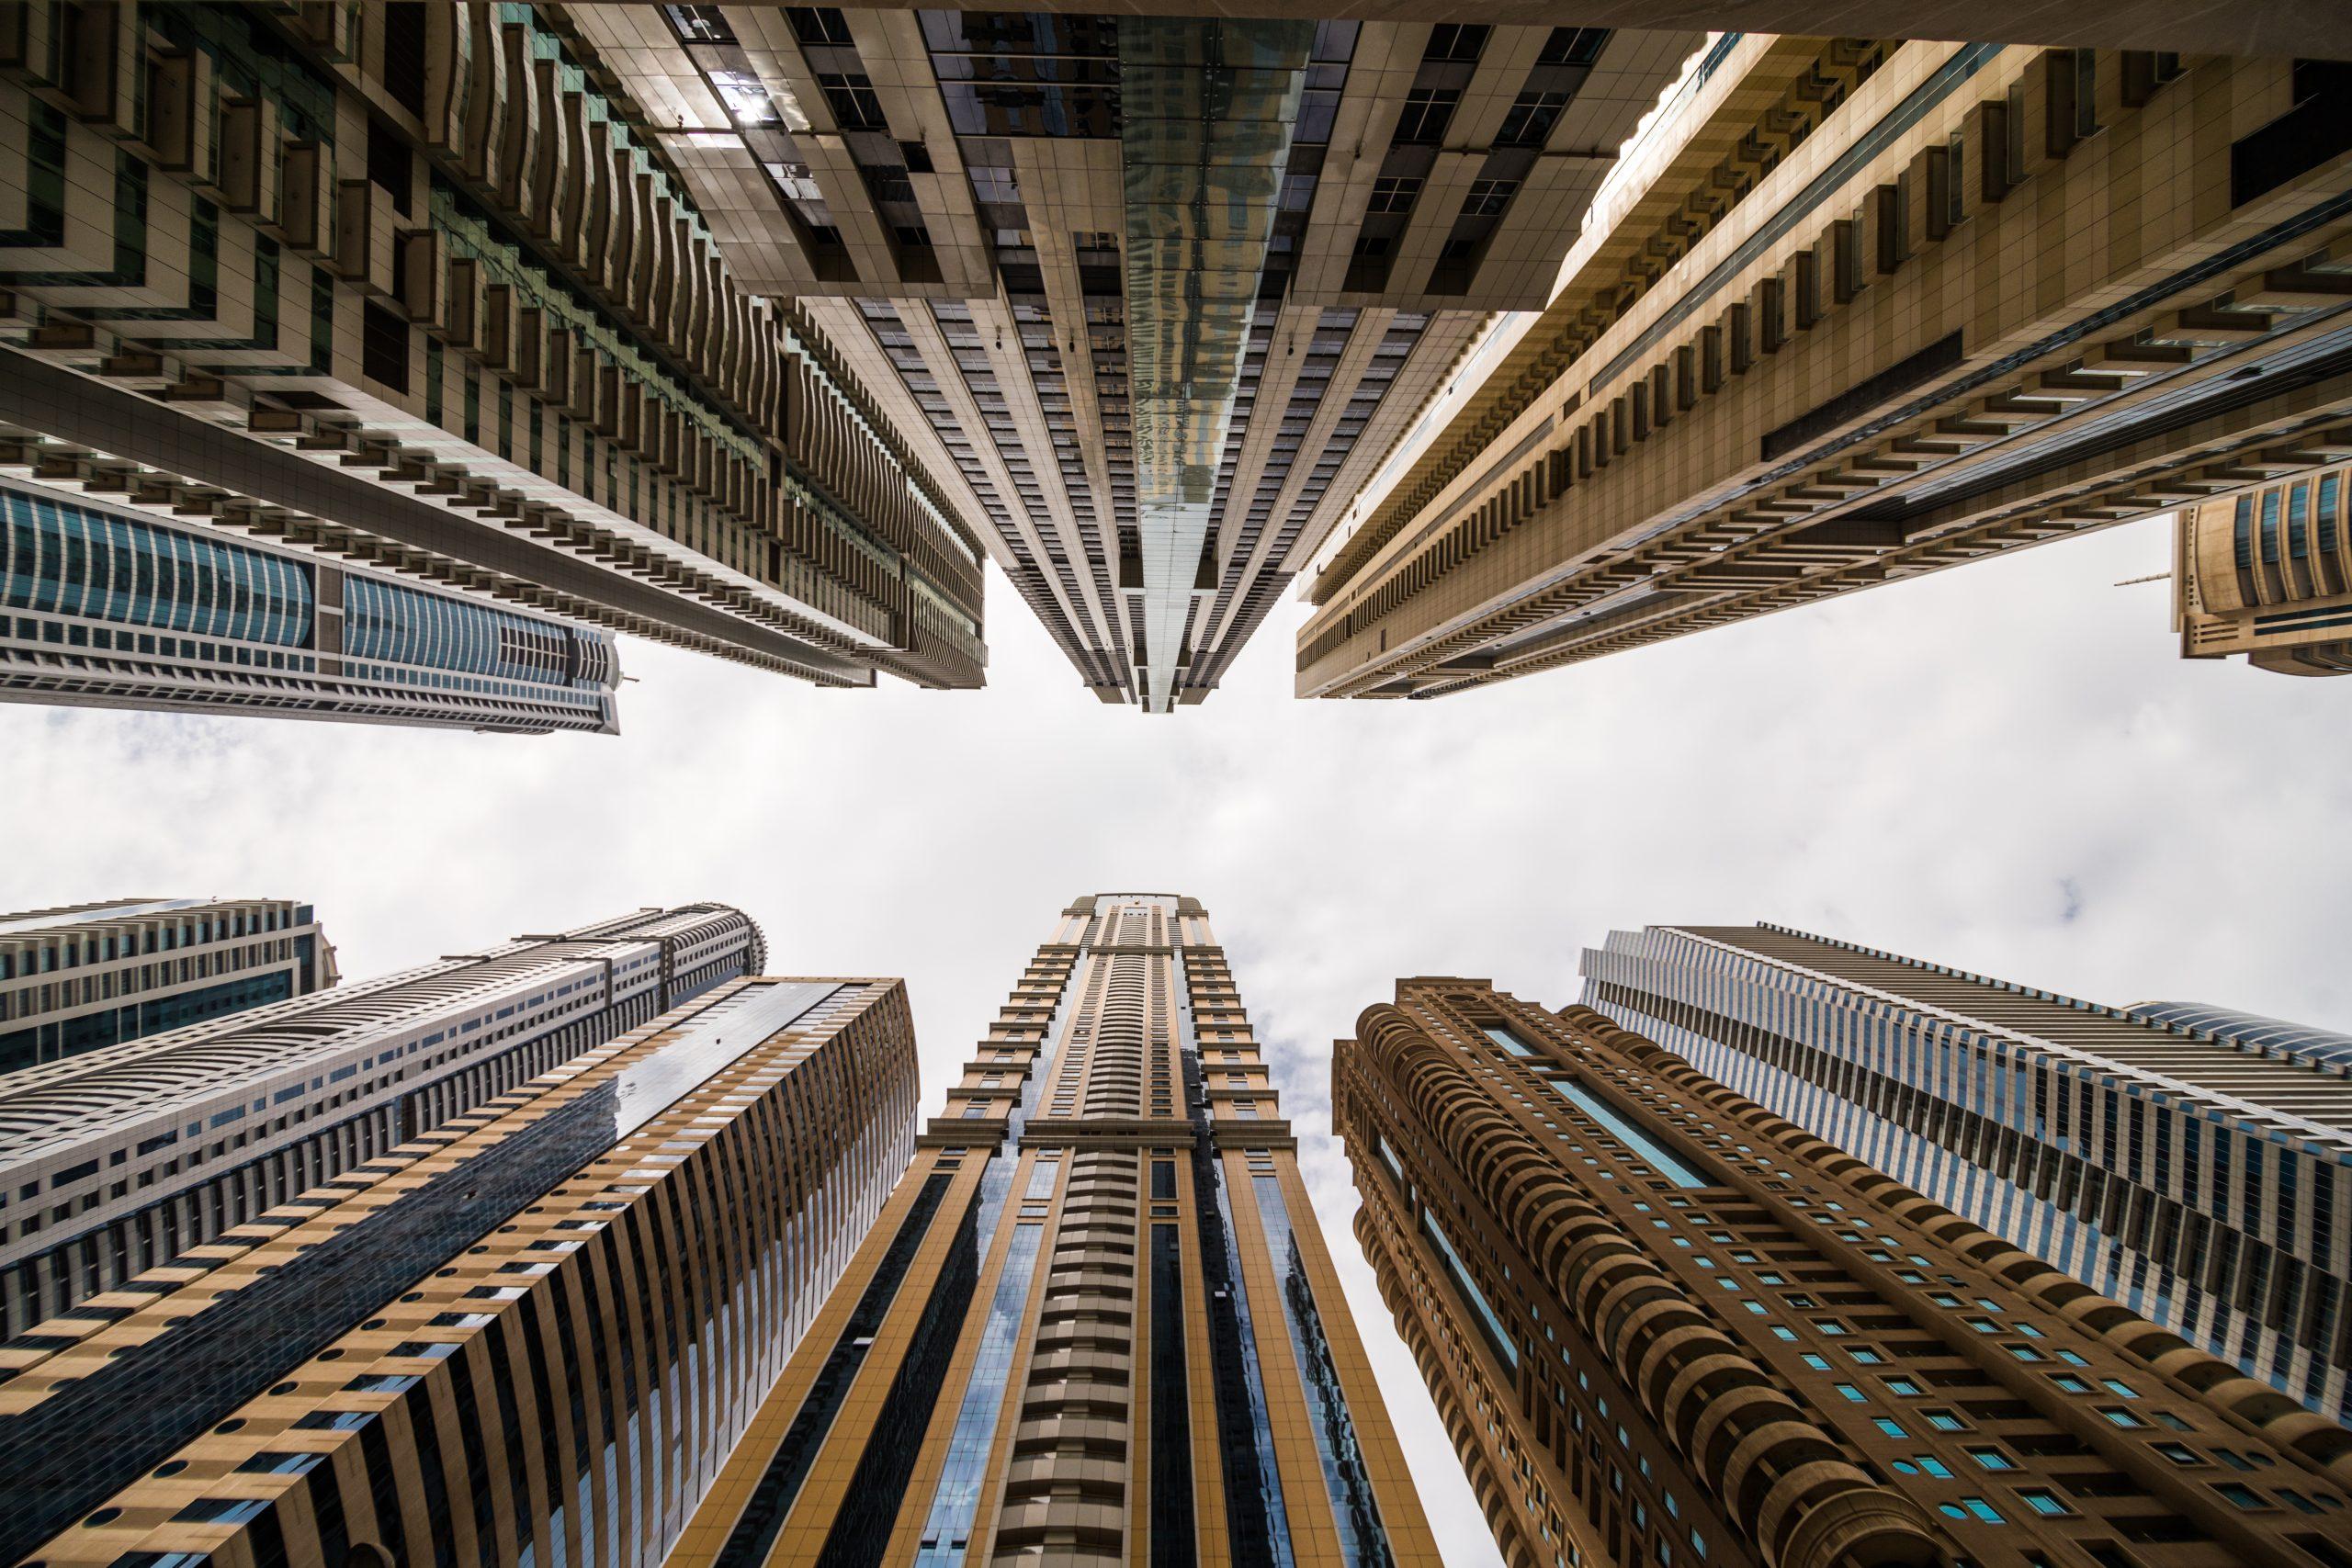 香港人申請英國物業按揭「以租養房」能成為75%按揭優勢